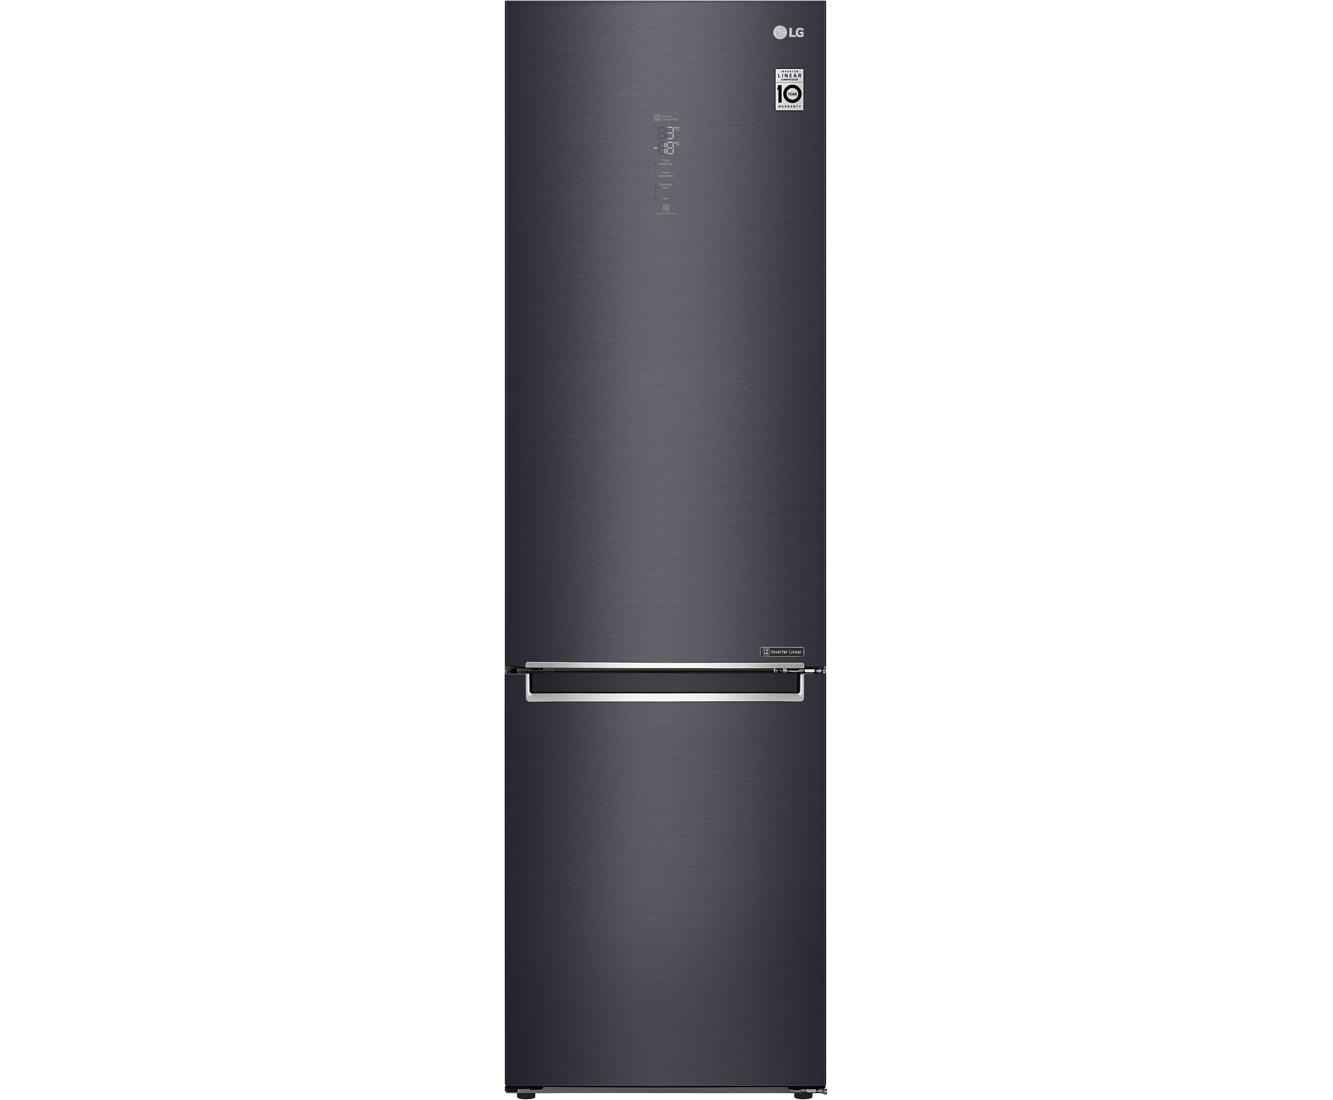 LG GBB92MCAXP Koelvriescombinaties - Zwart